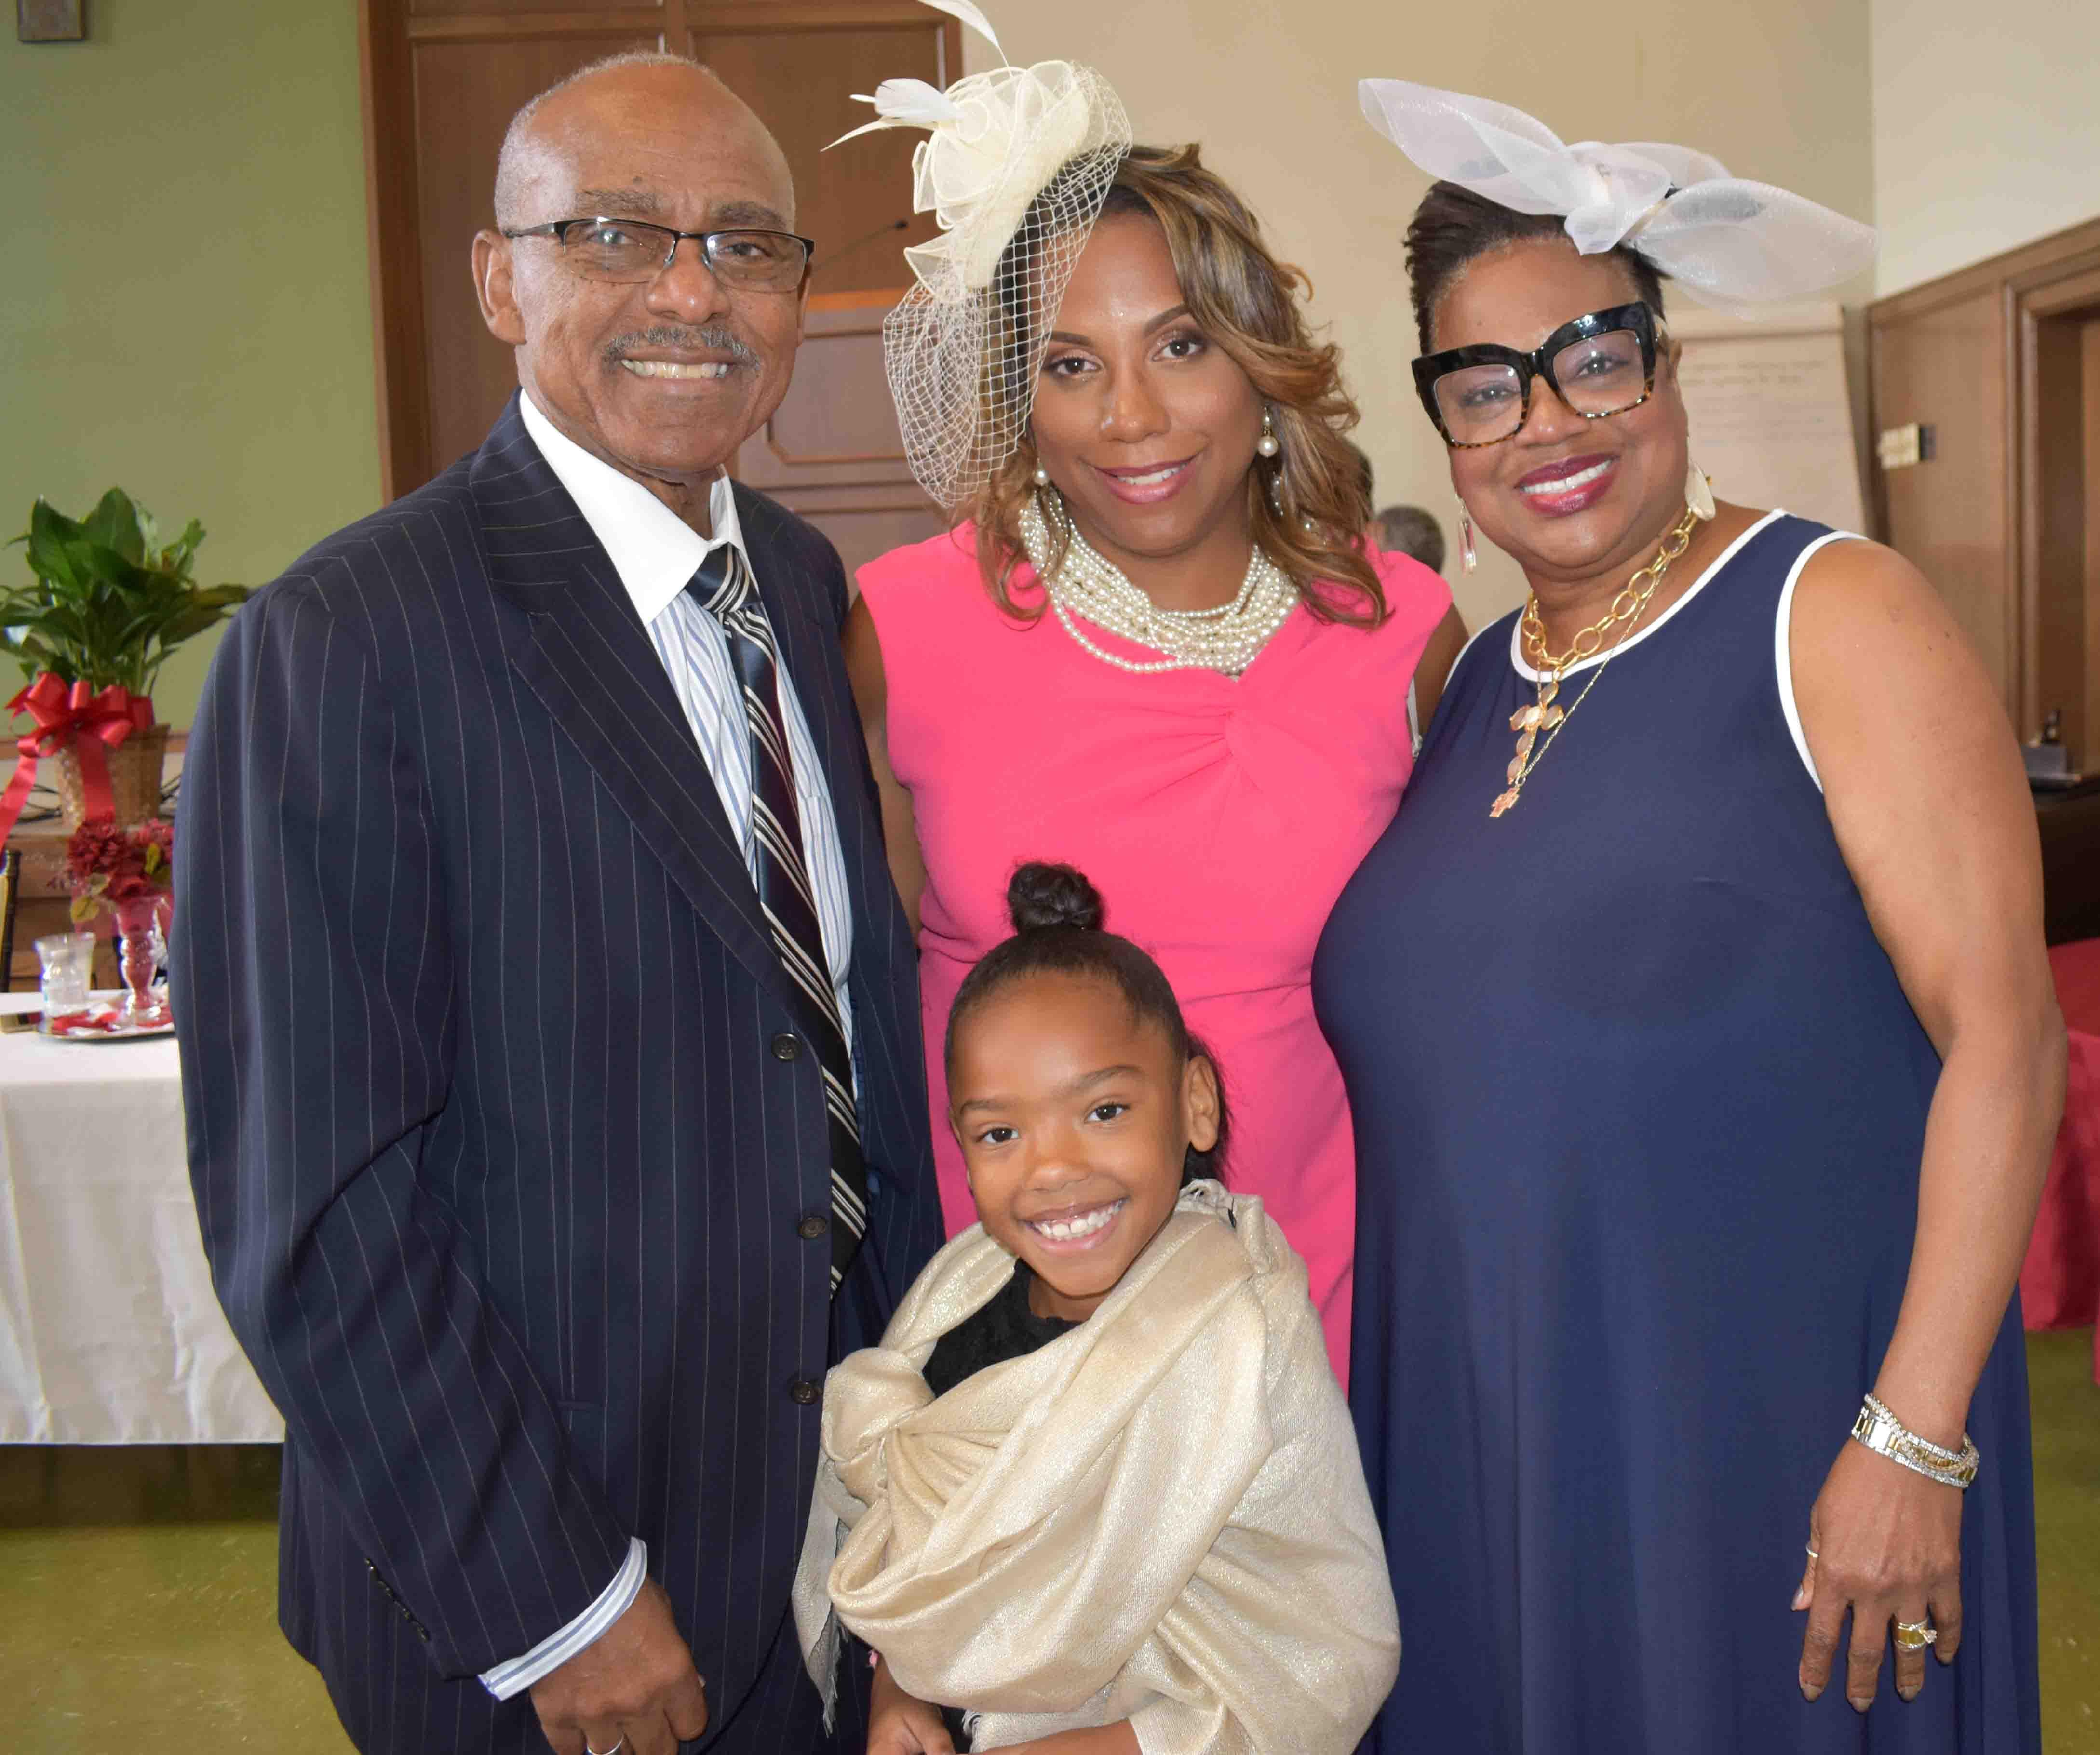 Rev. Truman Tolefree, Tiffany and Skylar O'Guinn, Rev. Bettie Tolefree